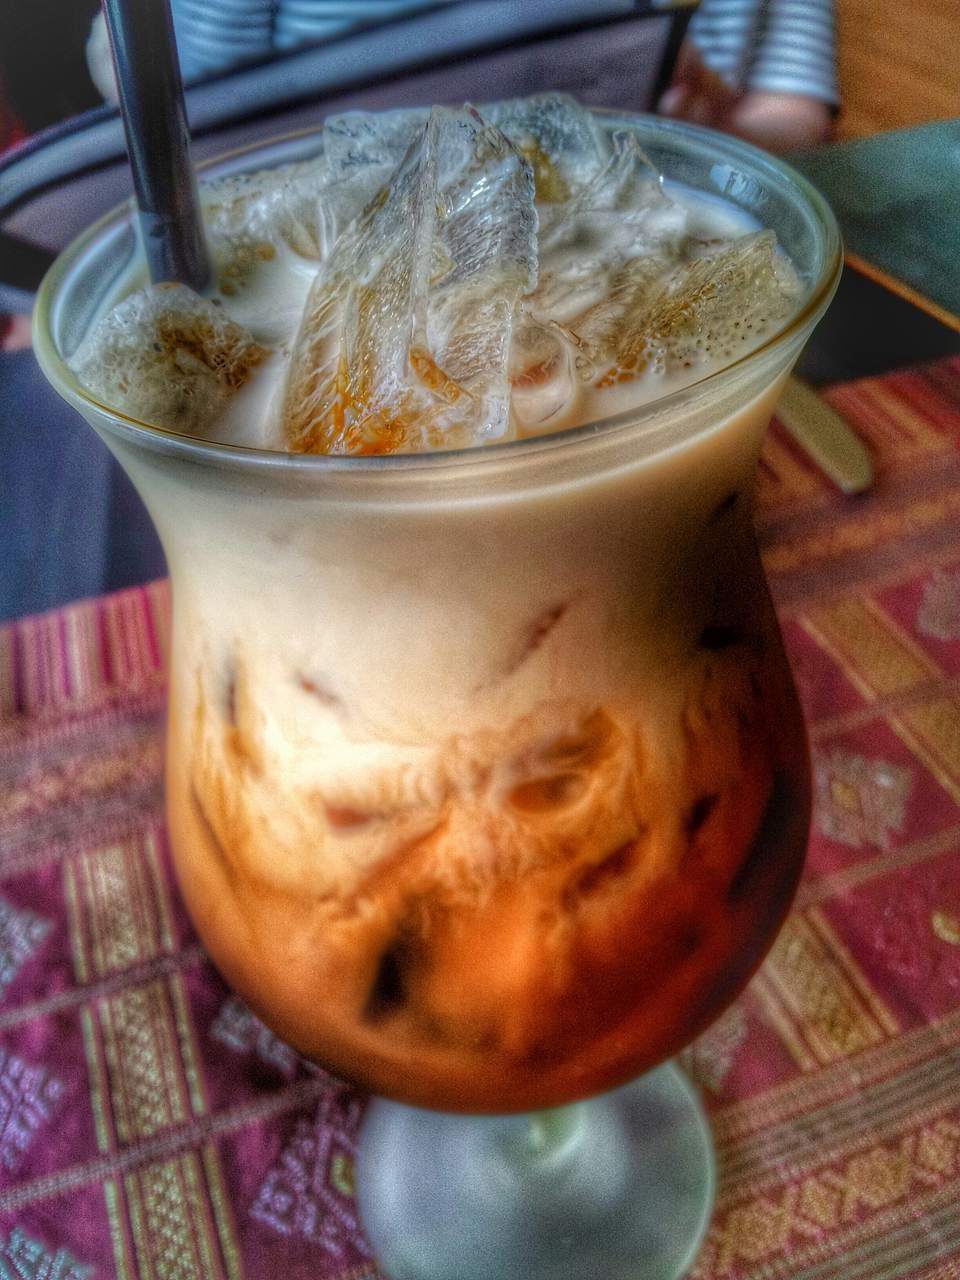 A glass of Thai iced tea.